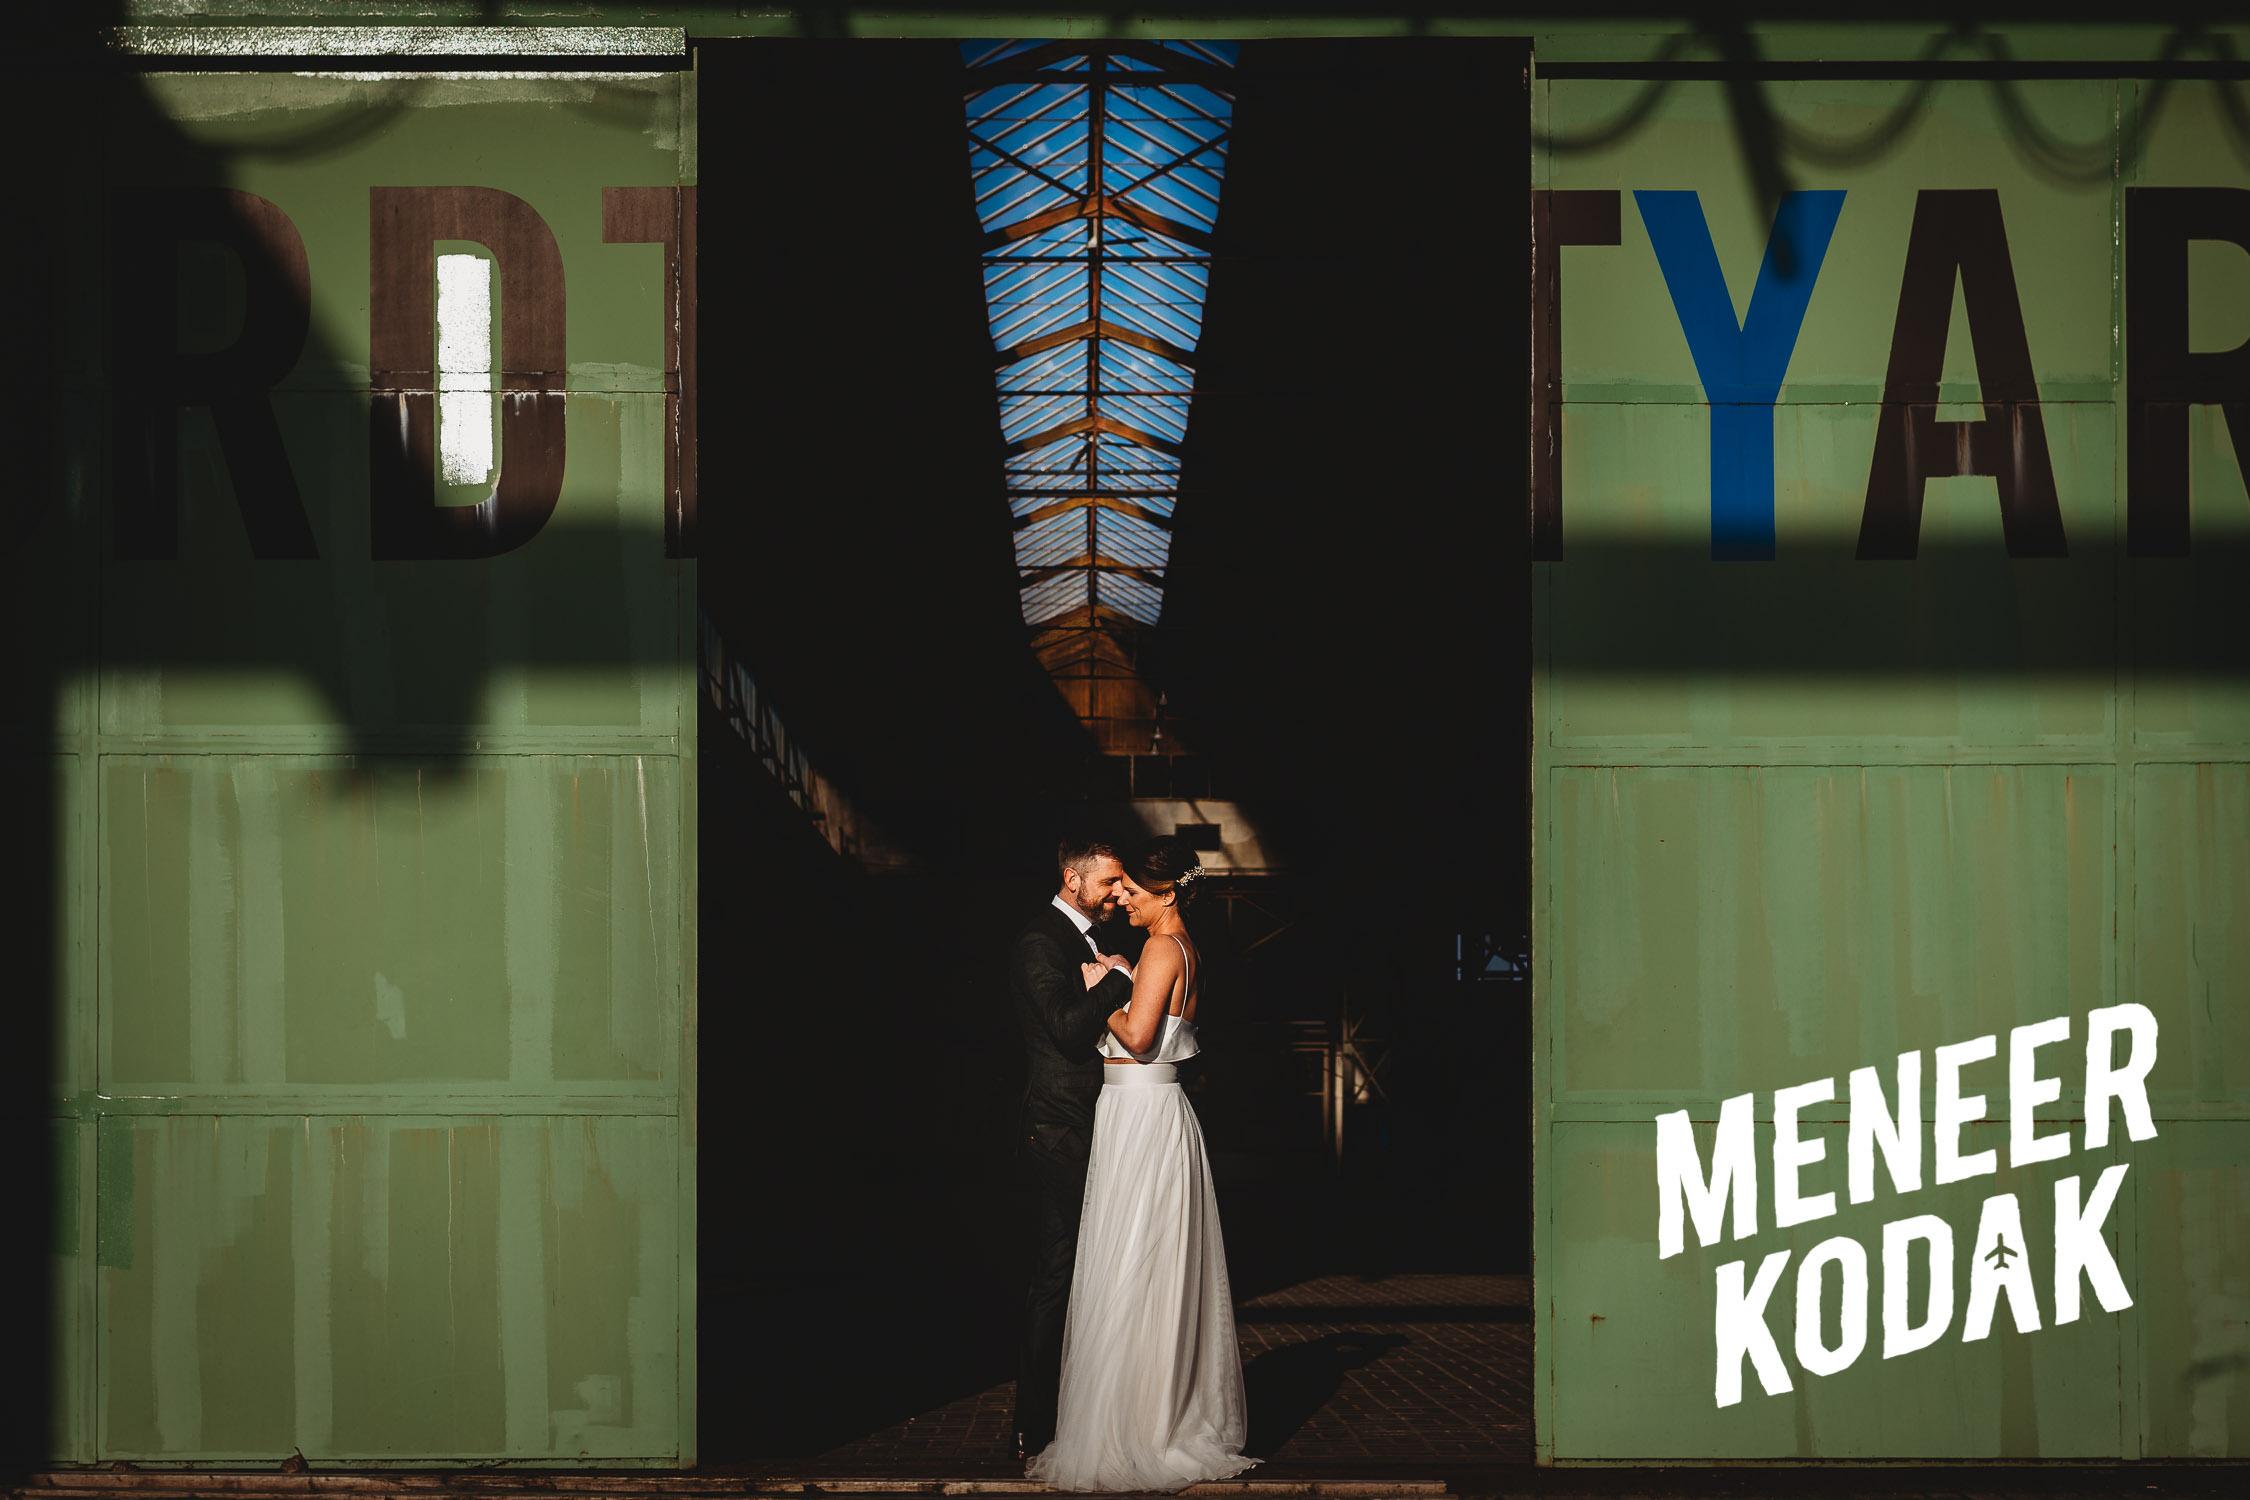 Meneer Kodak - Bruidsfotograaf - Breda - S&R-080.jpg